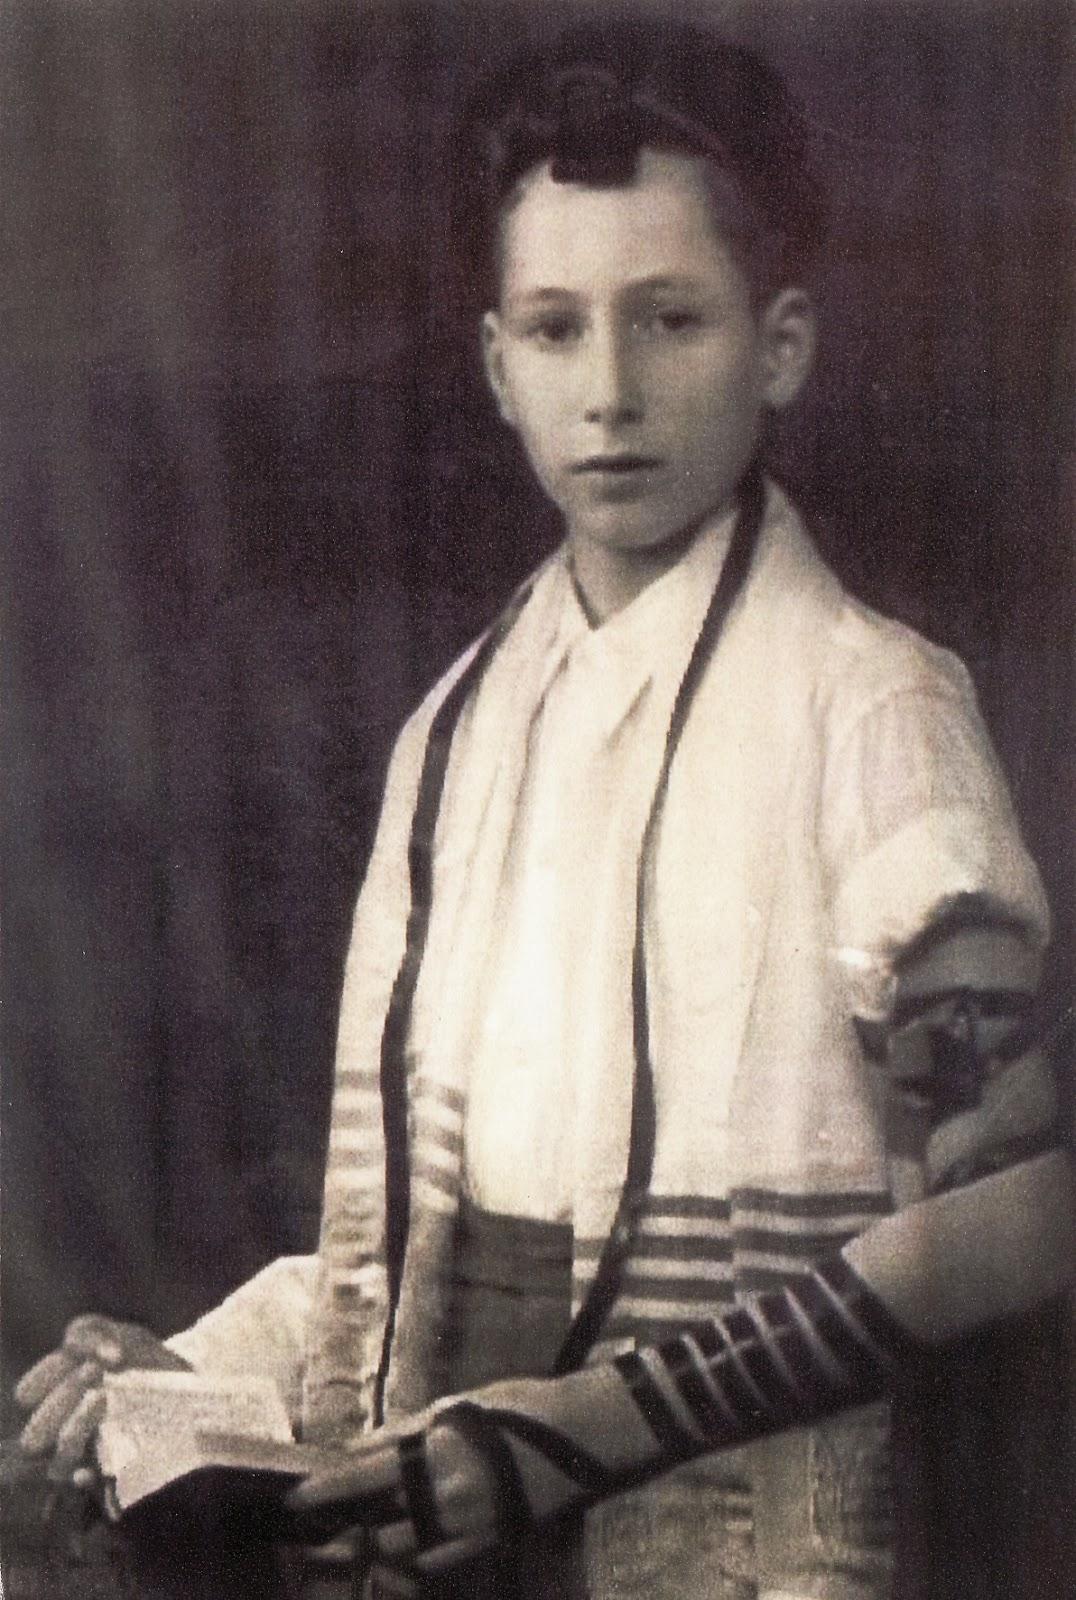 הרב אליעזר ברלנד בר מצוה